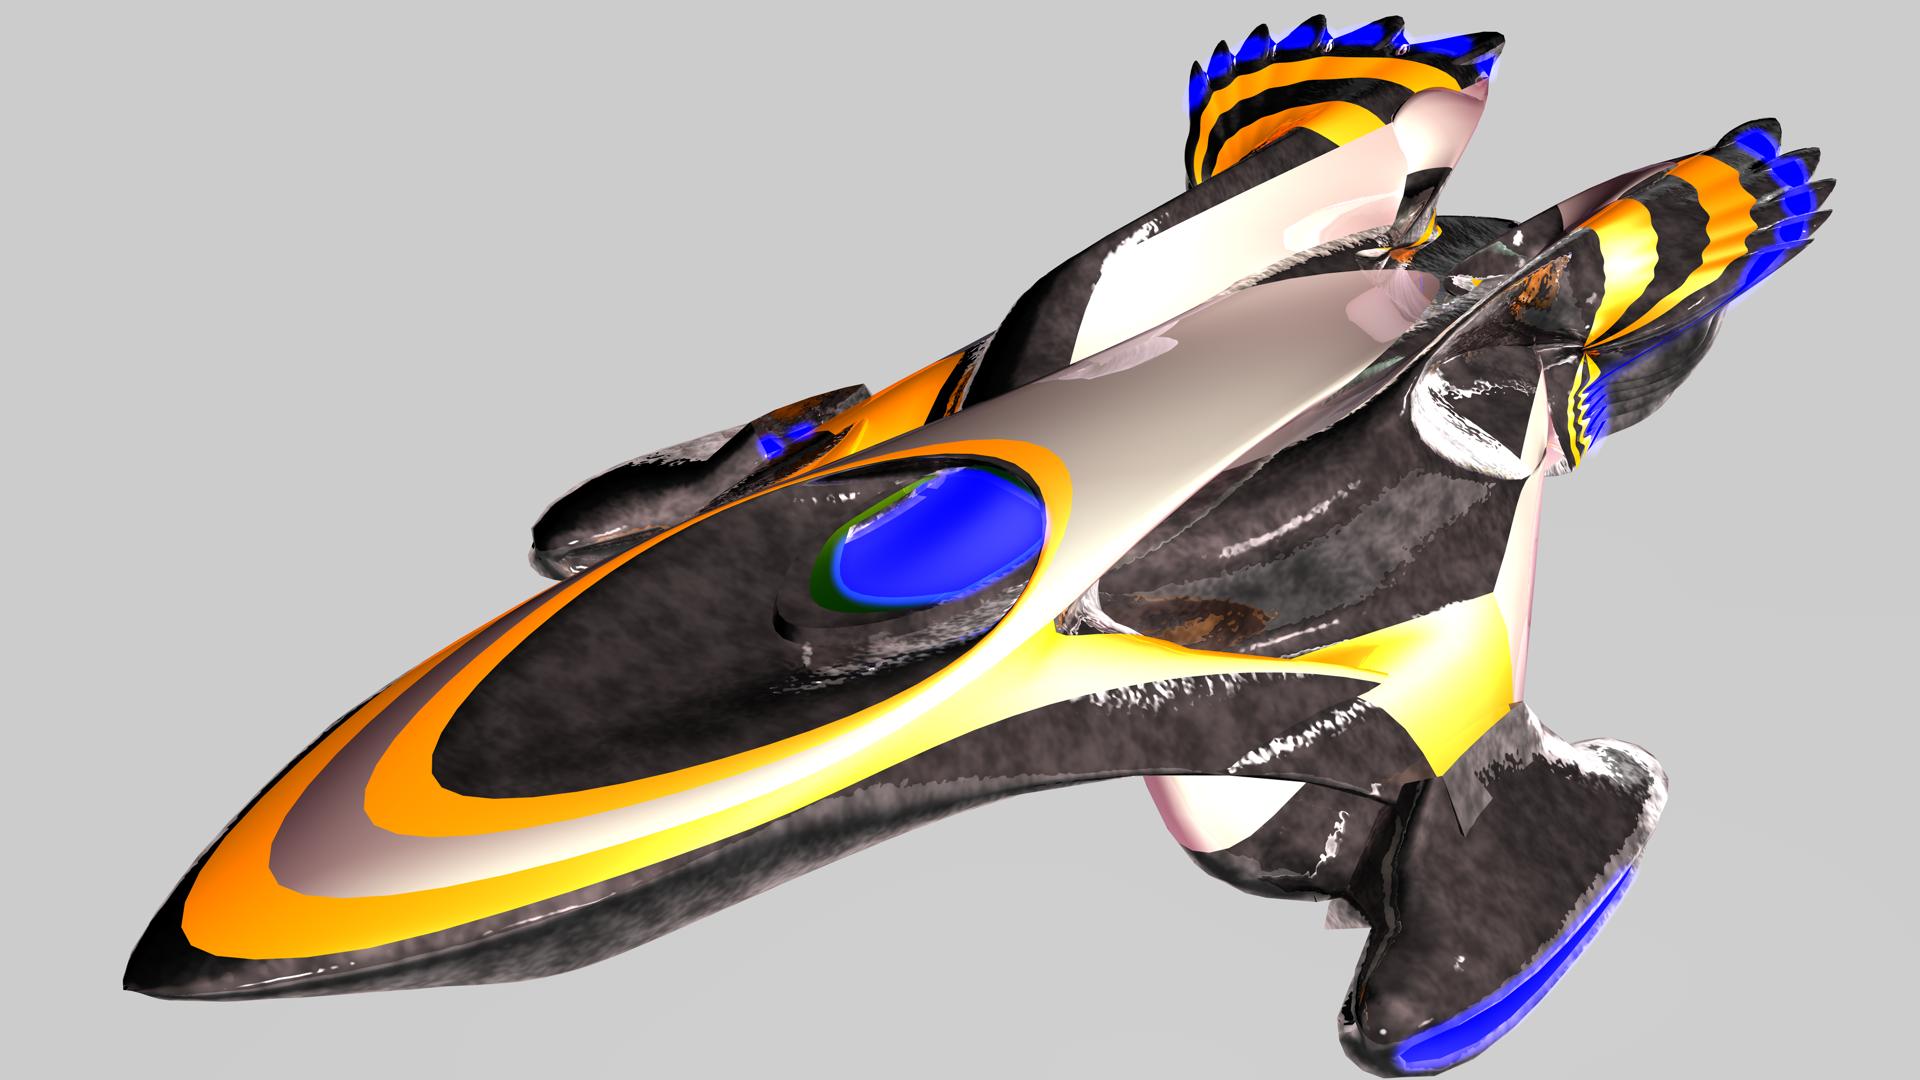 Racer Shuttle